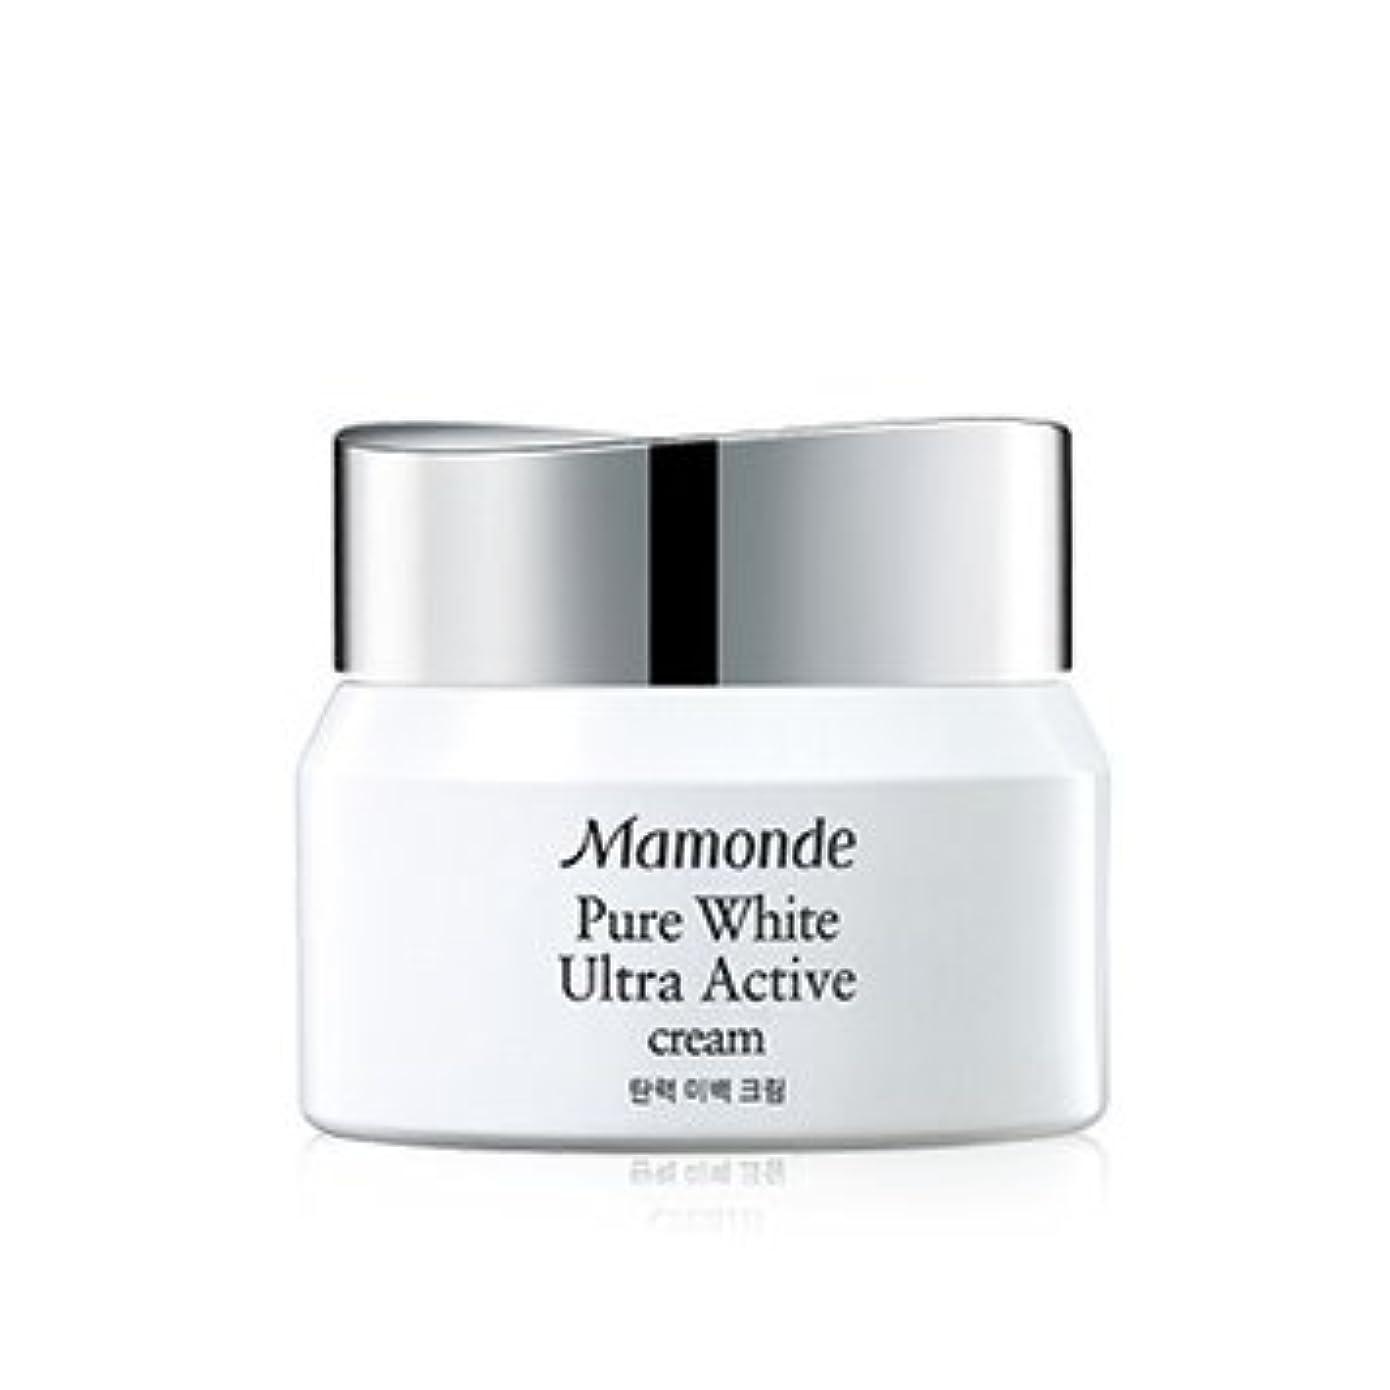 秘密のハロウィン無数のMamonde Pure White Ultra Active Cream 50ml/マモンド ピュア ホワイト ウルトラ アクティブ クリーム 50ml [並行輸入品]